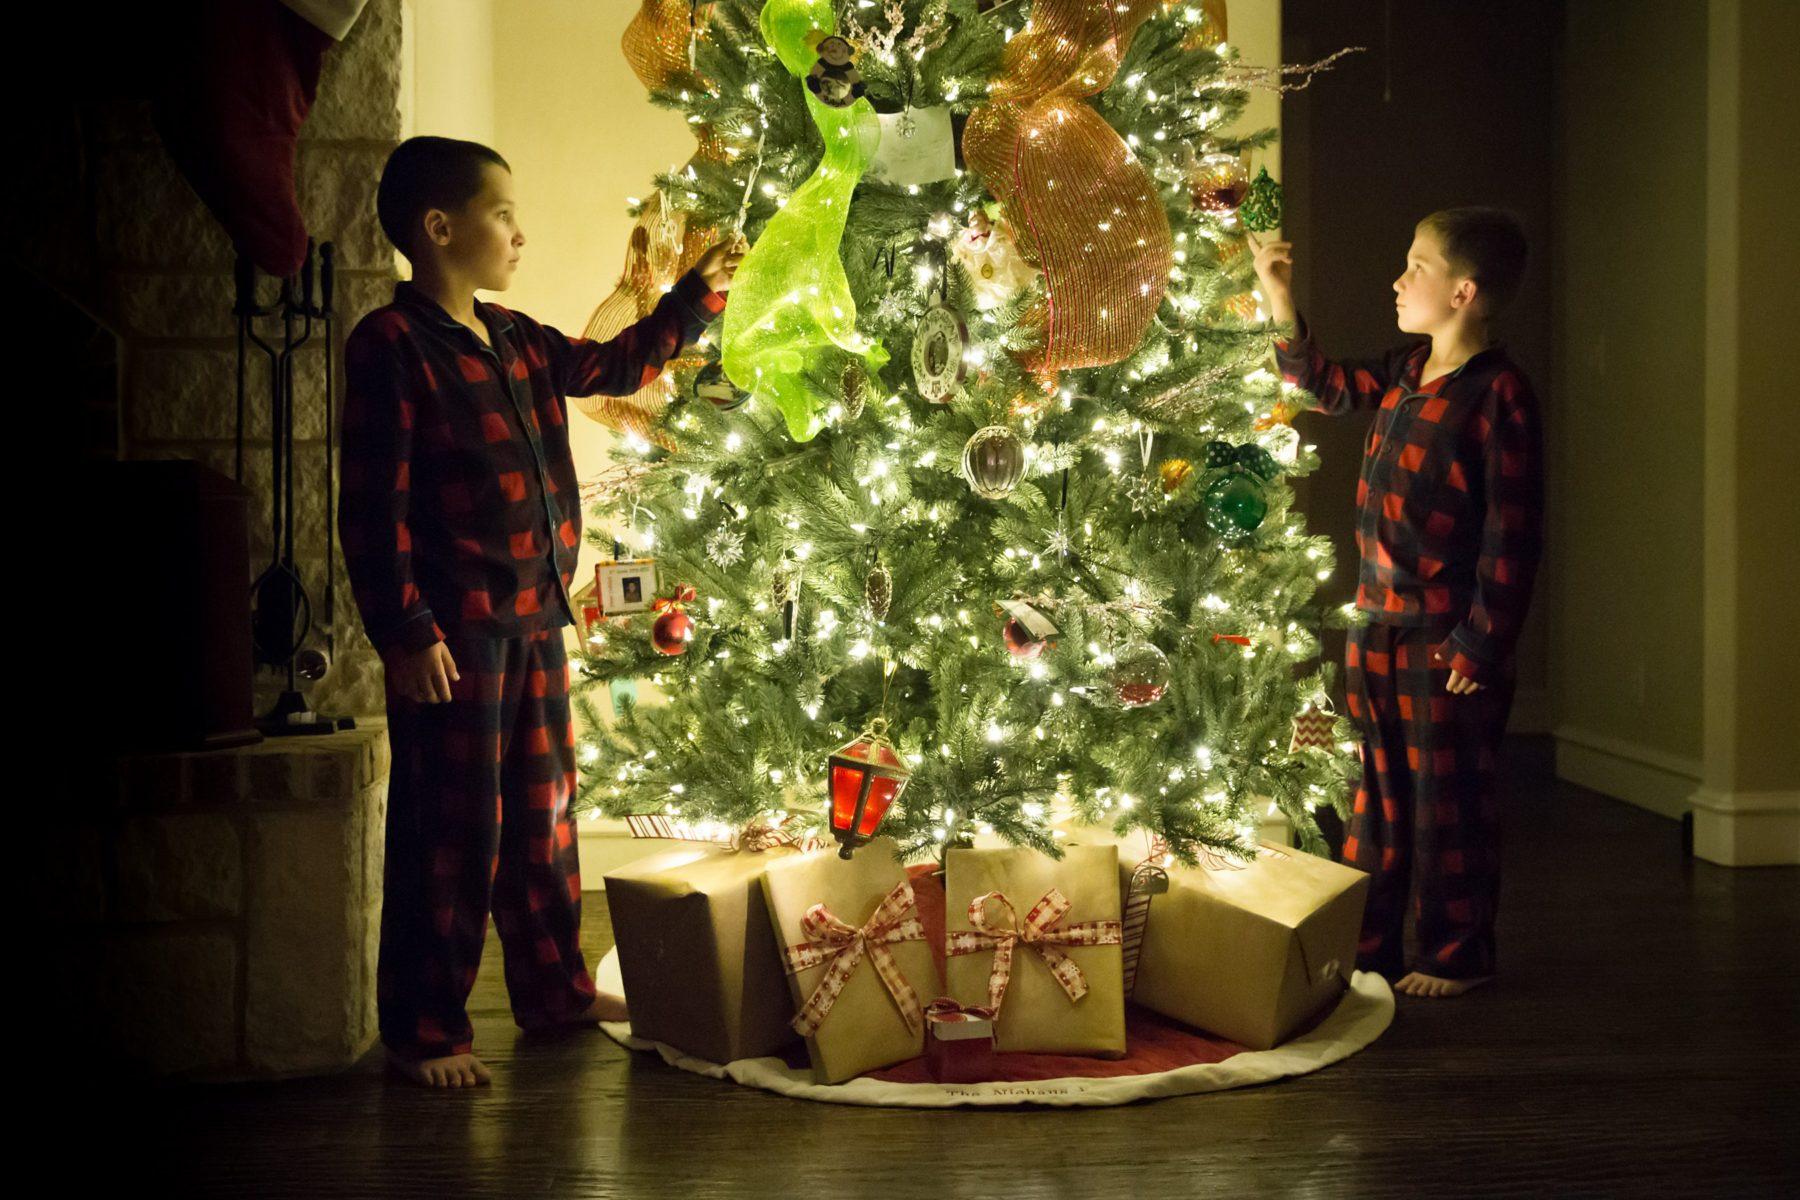 Boys in Christmas PJs around tree